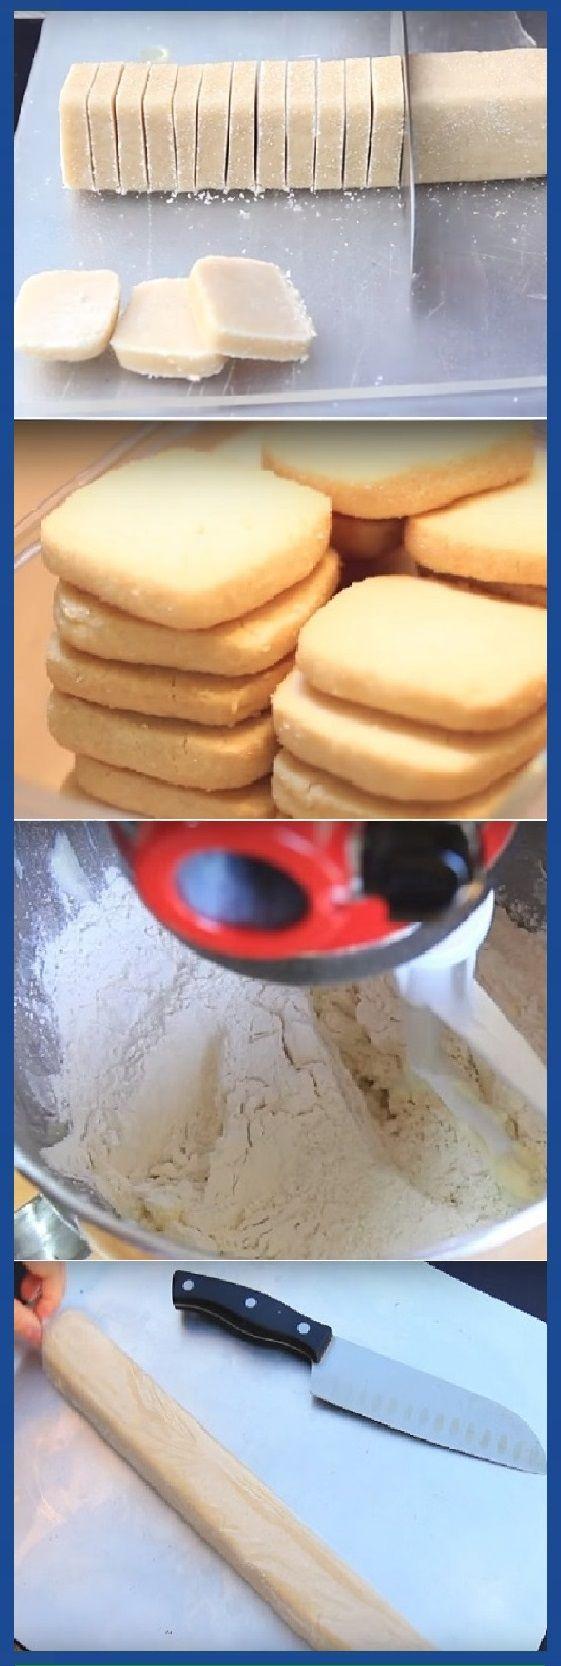 Estas son Galletas increíblemente suaves: ¡Necesitarás tan solo 3 ingredientes y 30 minutos de tiempo! #galletas #facil #suaves #masa #te #mate #cake #pan #panfrances #panettone #panes #pantone #pan #recetas #recipe #casero #torta #tartas #pastel #nestlecocina #bizcocho #bizcochuelo #tasty #cocina #chocolate Si te gusta dinos HOLA y dale a Me Gusta MIREN...